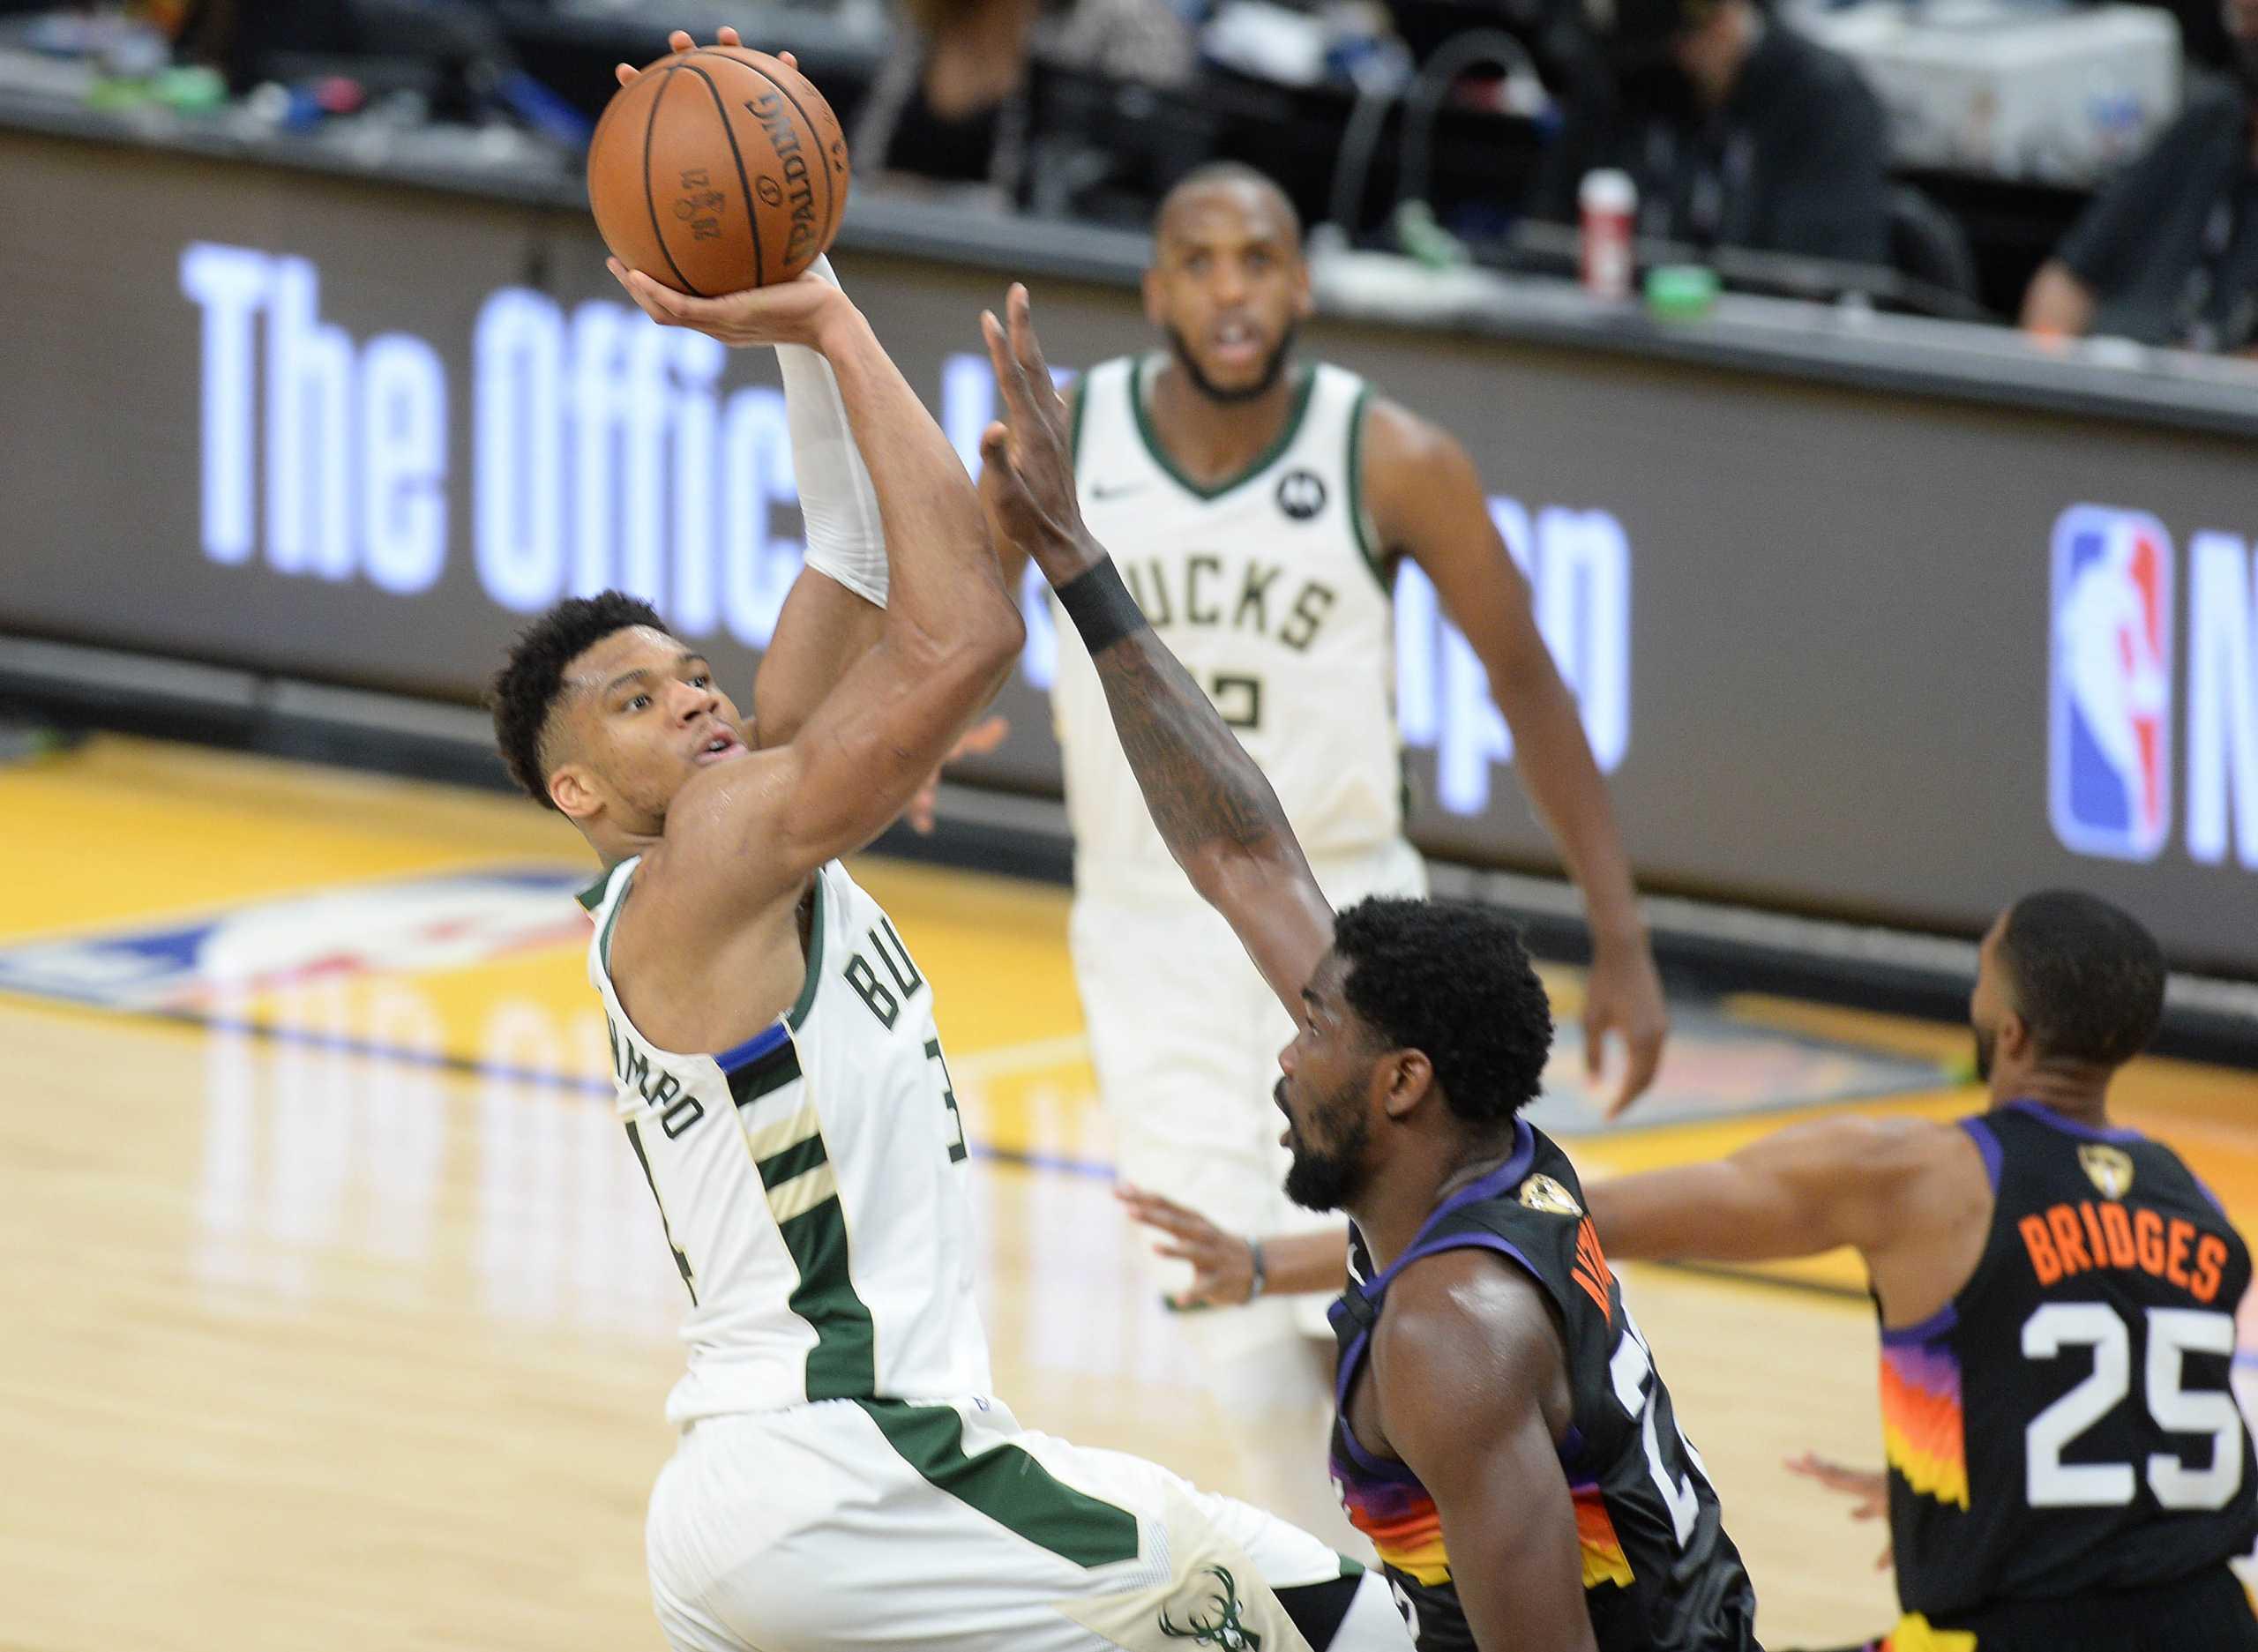 Τελικοί NBA: «Γολγοθάς» για τους Μπακς, μόνο τέσσερις ομάδες επέστρεψαν από 2-0